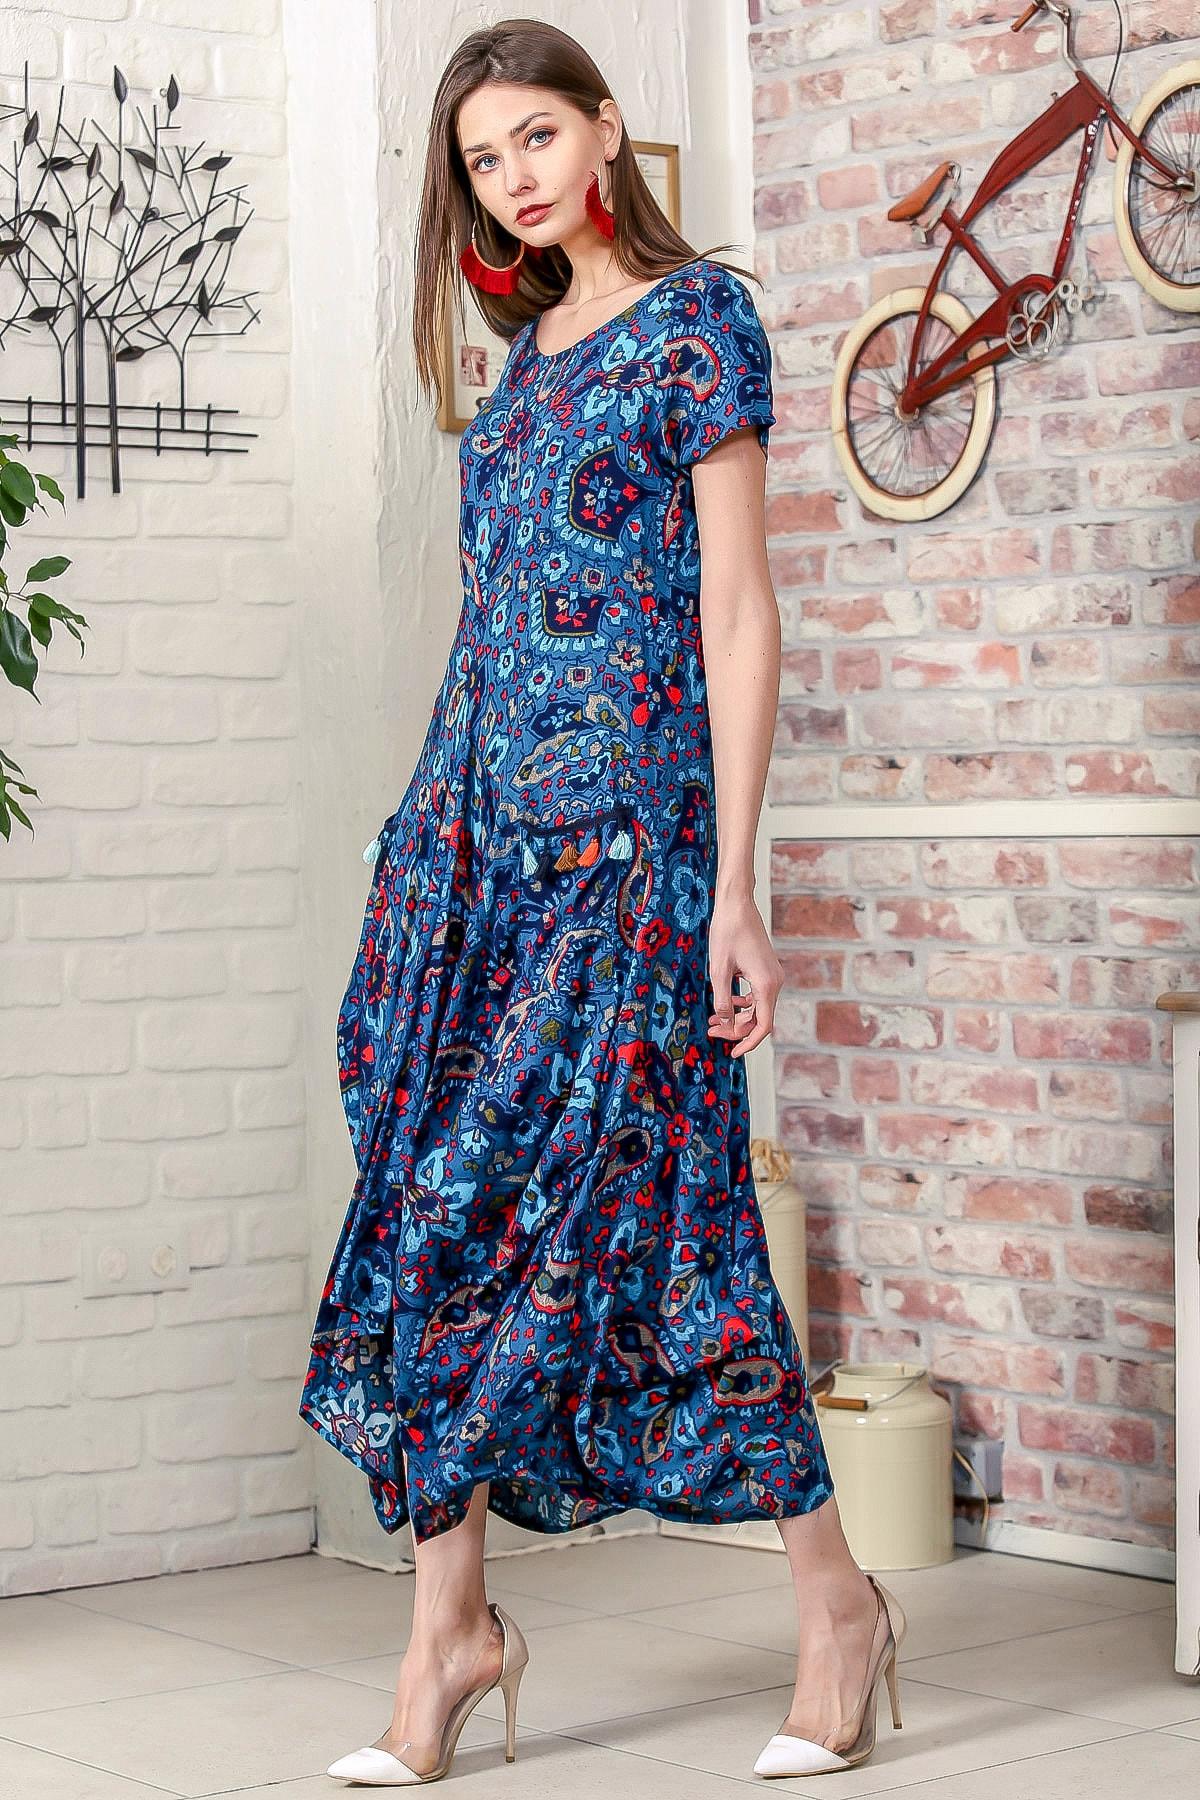 Chiccy Kadın Petrol Mavi Bohem Şal Desen Asimetrik Cepleri Püskül Detaylı Dokuma Elbise 3